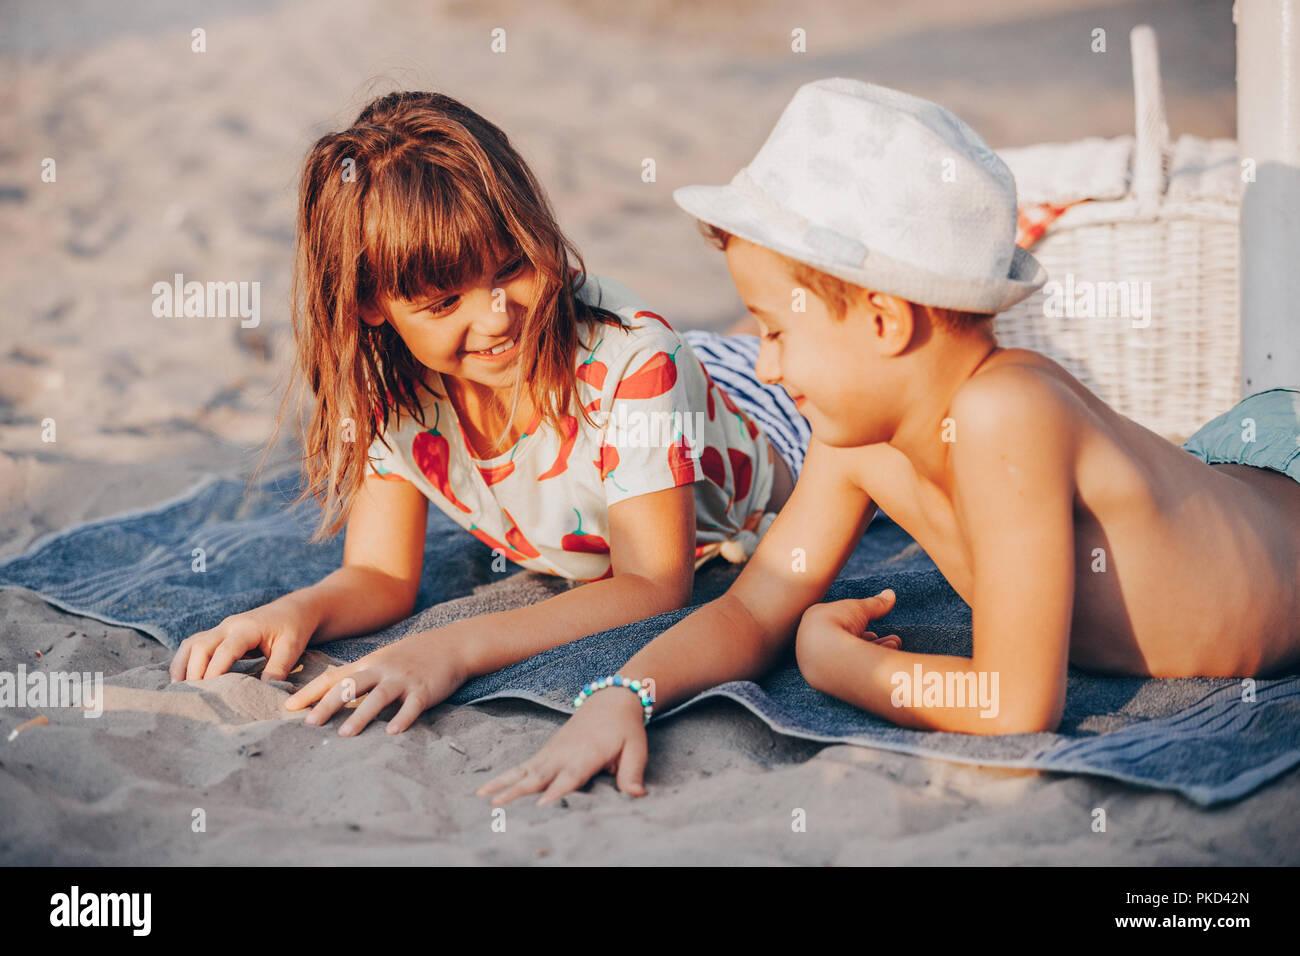 Positivo felici i bambini a giocare mentre giaceva su un asciugamano sulla spiaggia. La vacanza estiva e uno stile di vita sano concetto Immagini Stock